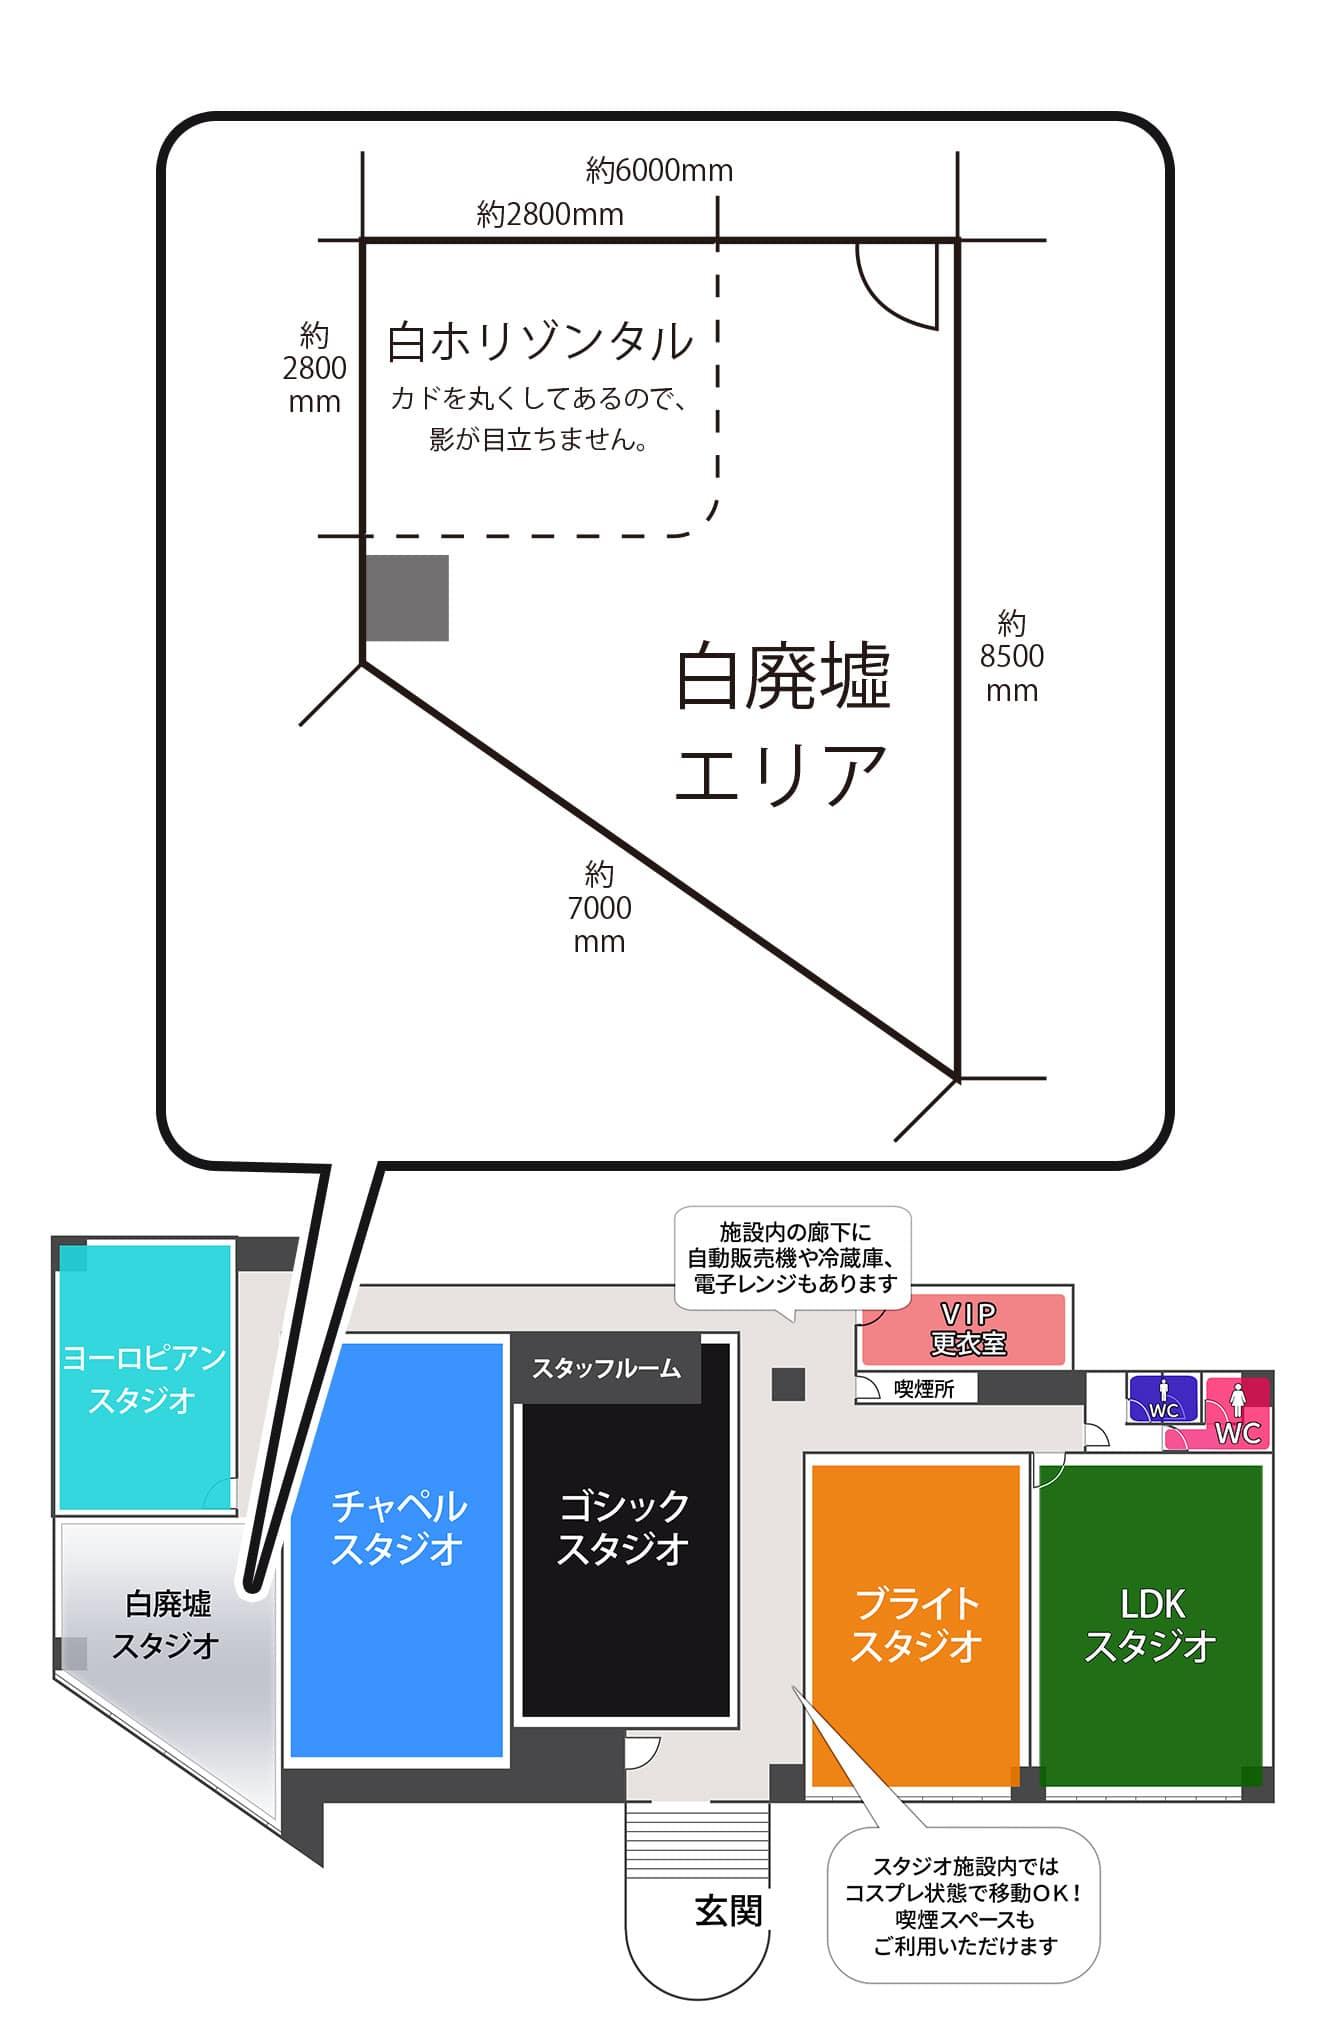 撮影スタジオ「スタジオクオリア大阪平野店」の白廃墟スタジオのブース03